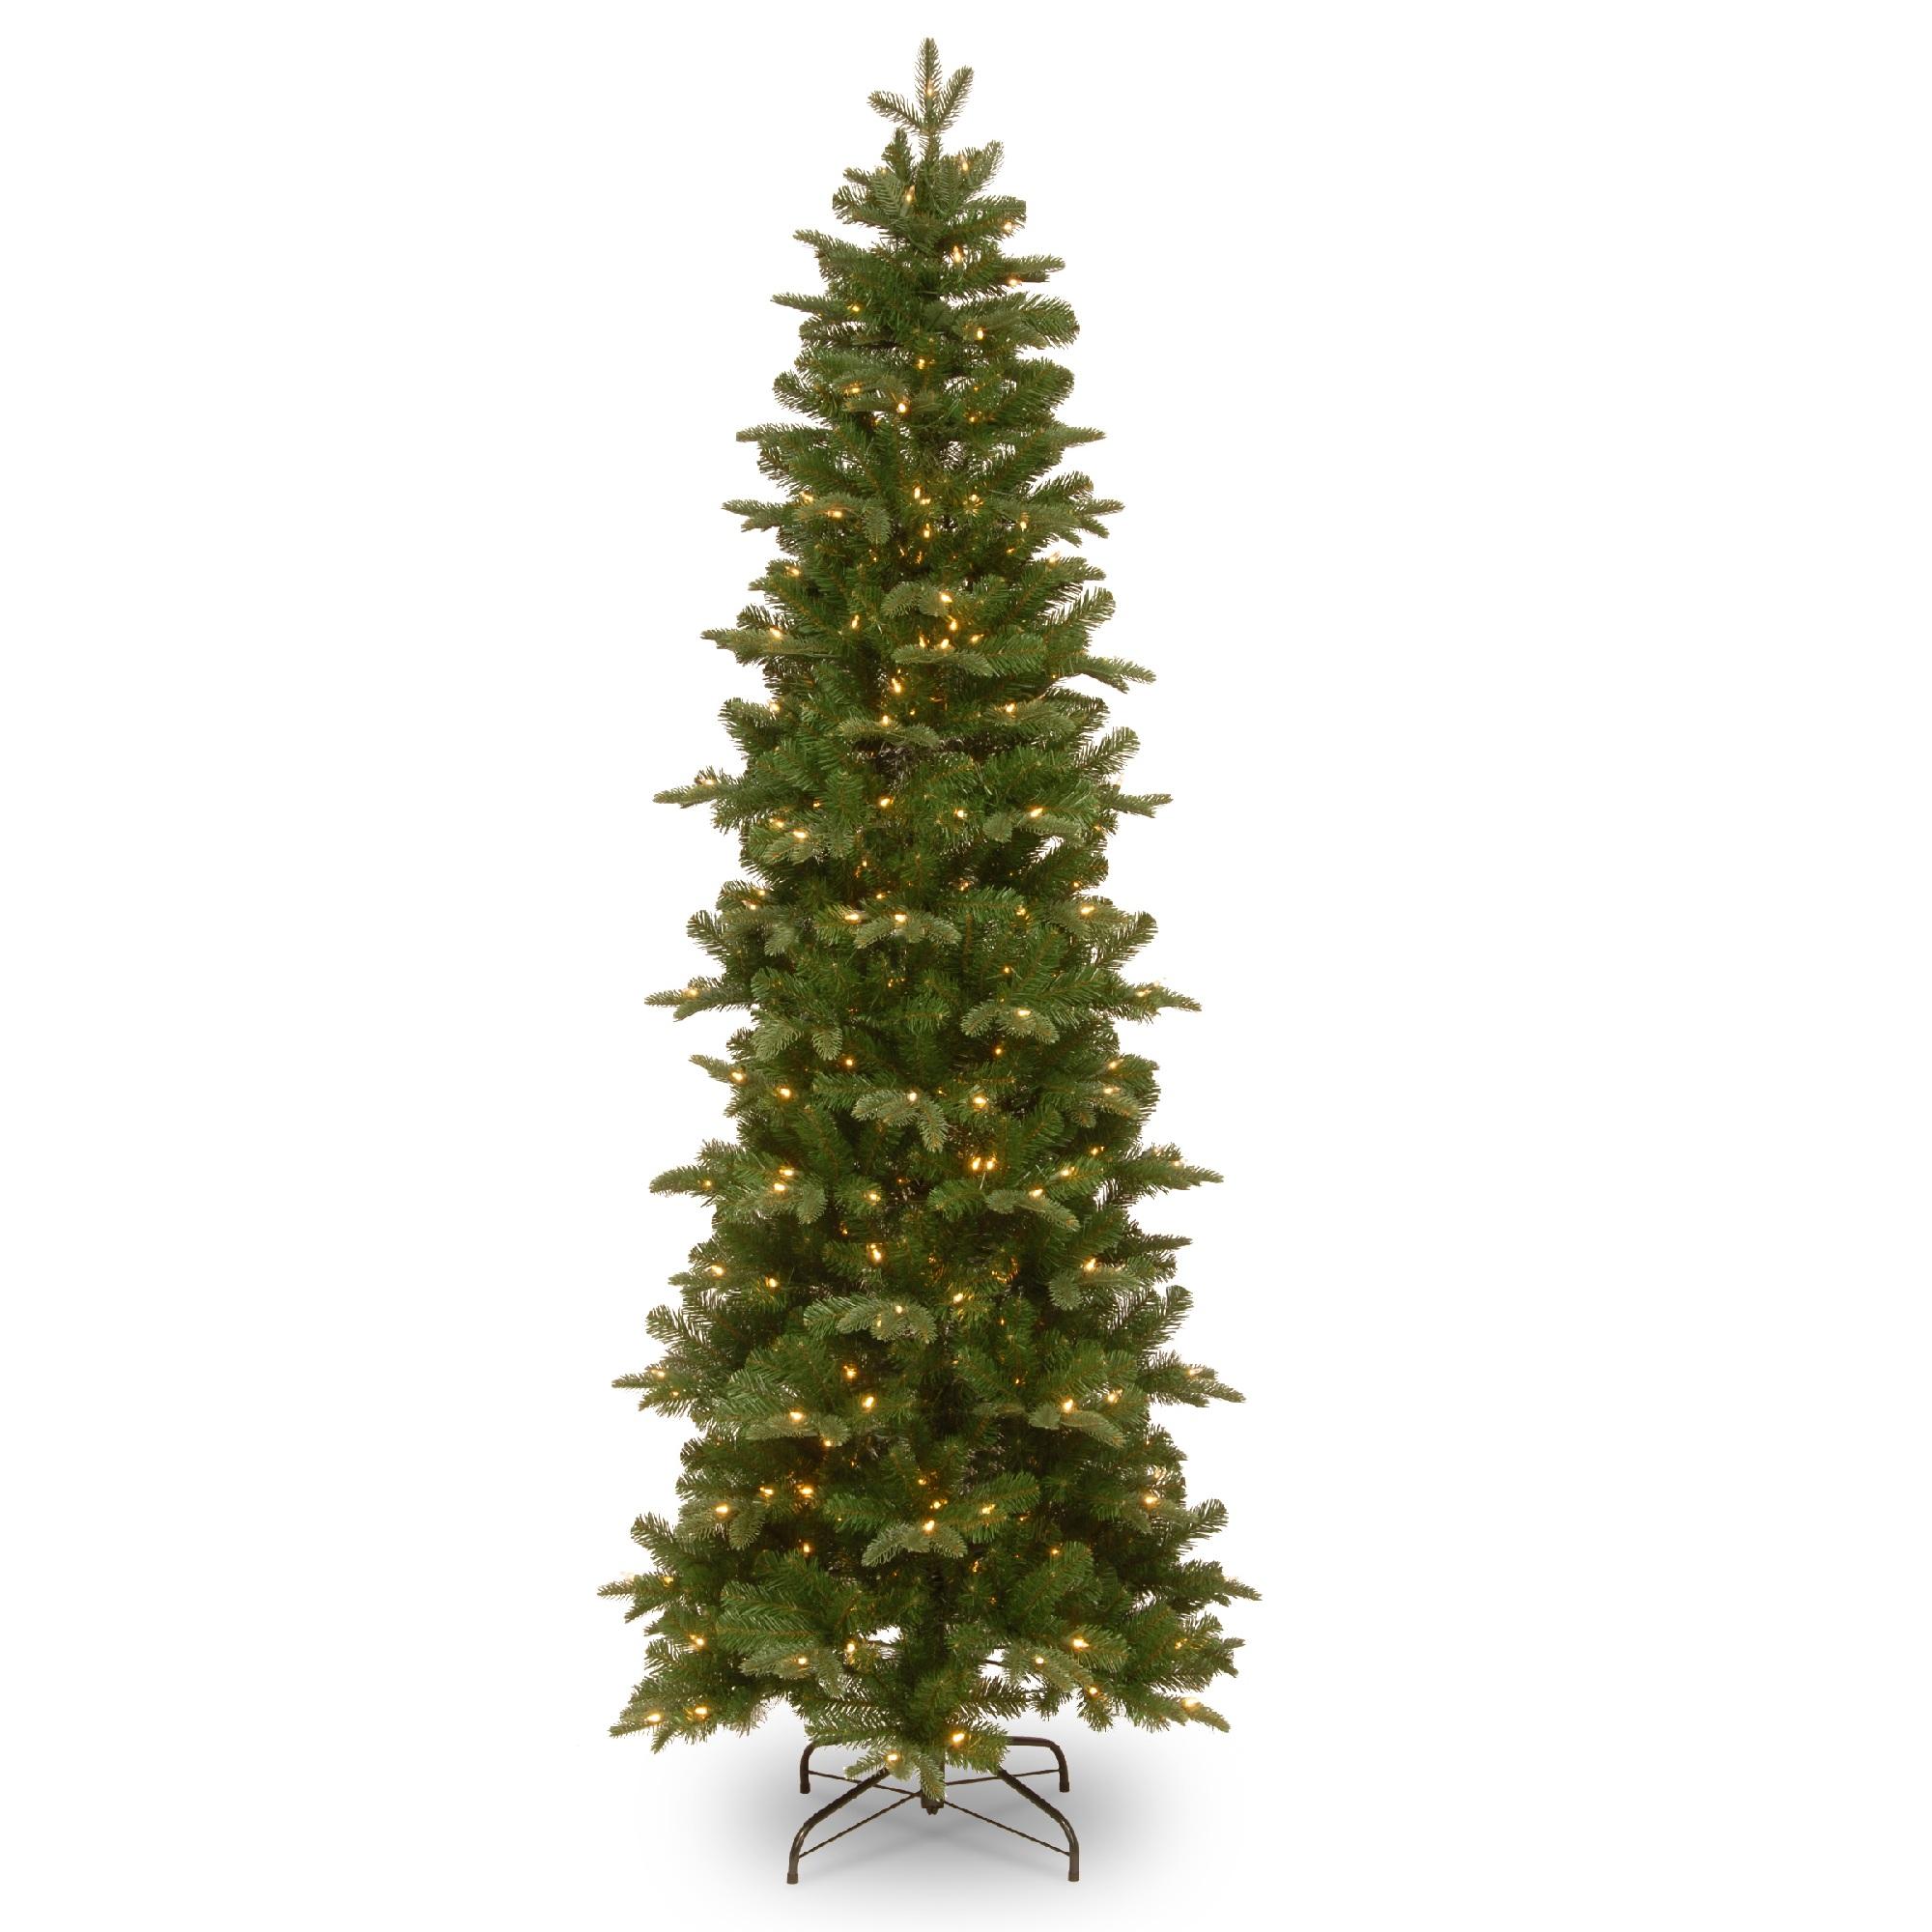 National Tree Company Clear Prelit Incandescent Green Pencil Christmas Tree 7 5 Walmart Com Walmart Com